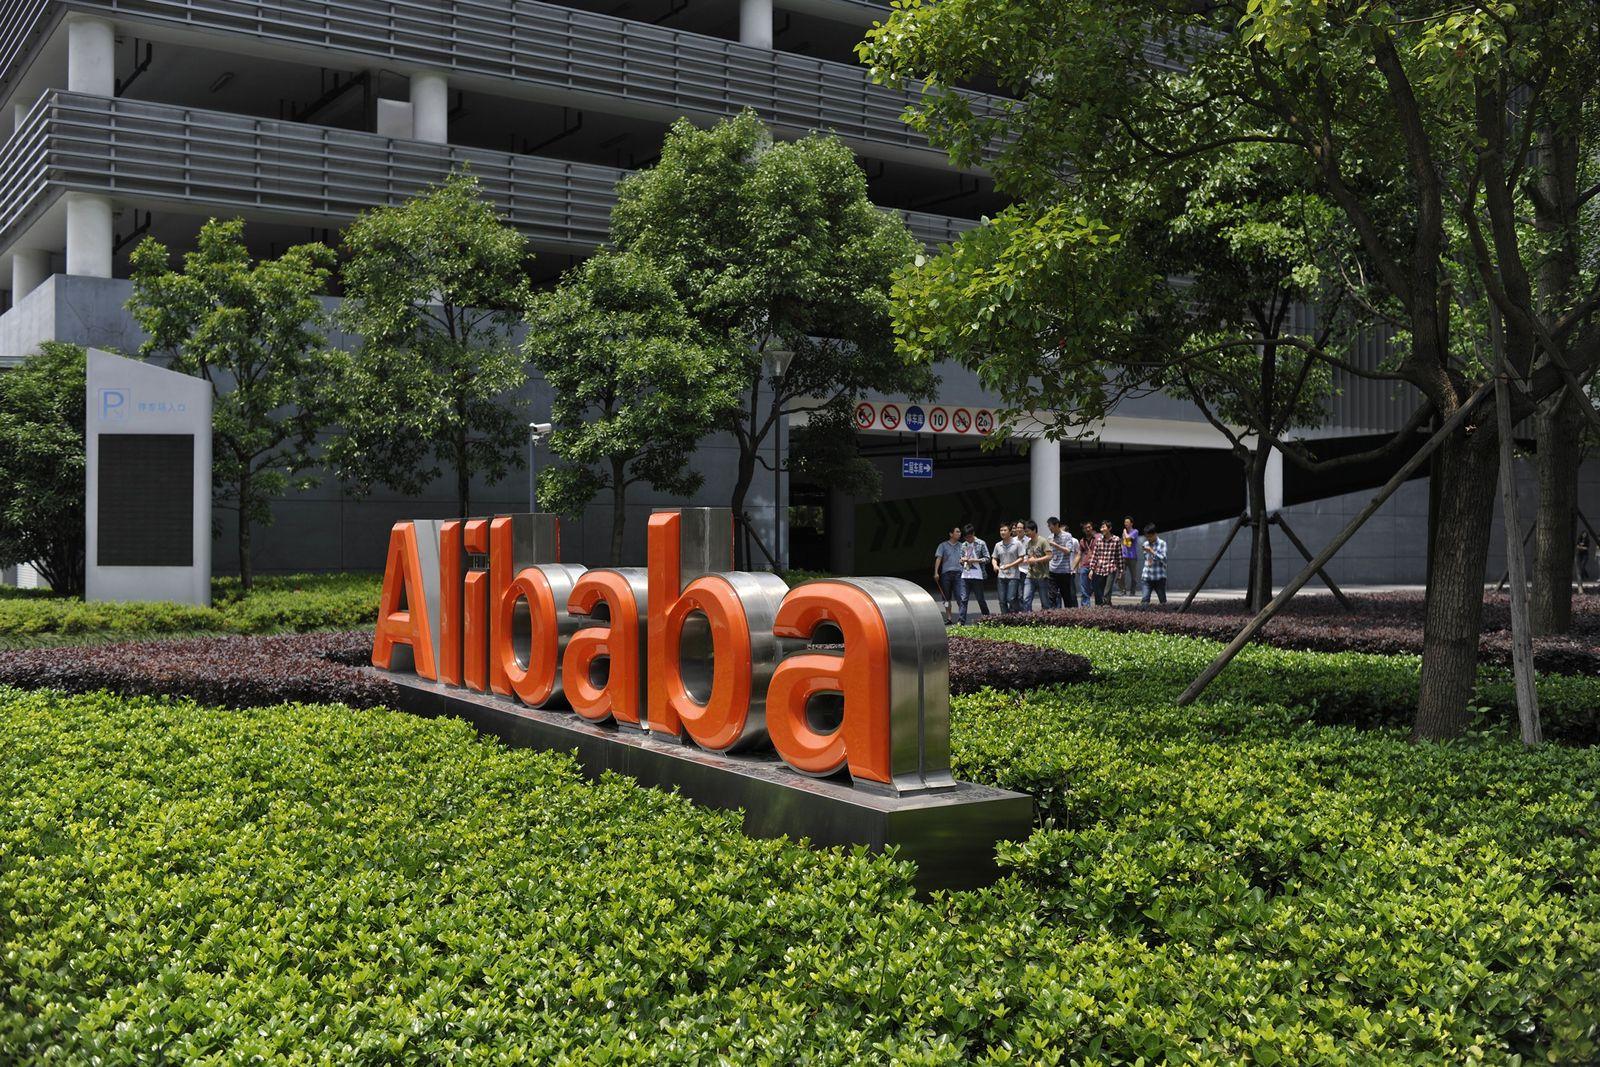 Alibaba / Zentrale / Hangzhou / China